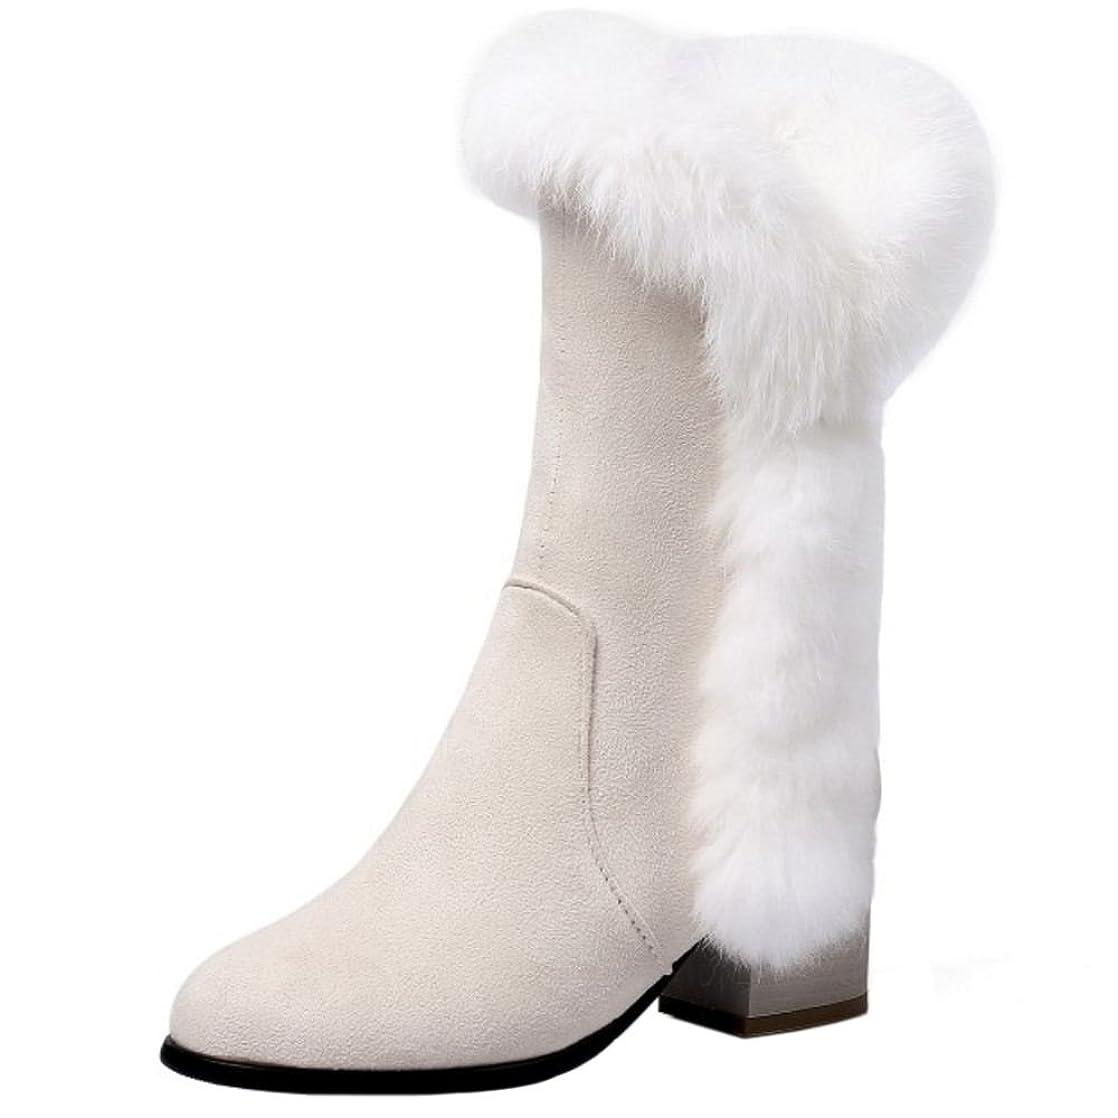 航空機騒ぎ不合格[FANIMILA] レディース ショートブーツ 冬用 太ヒール ブーツ サイドジップ 大きいサイズ